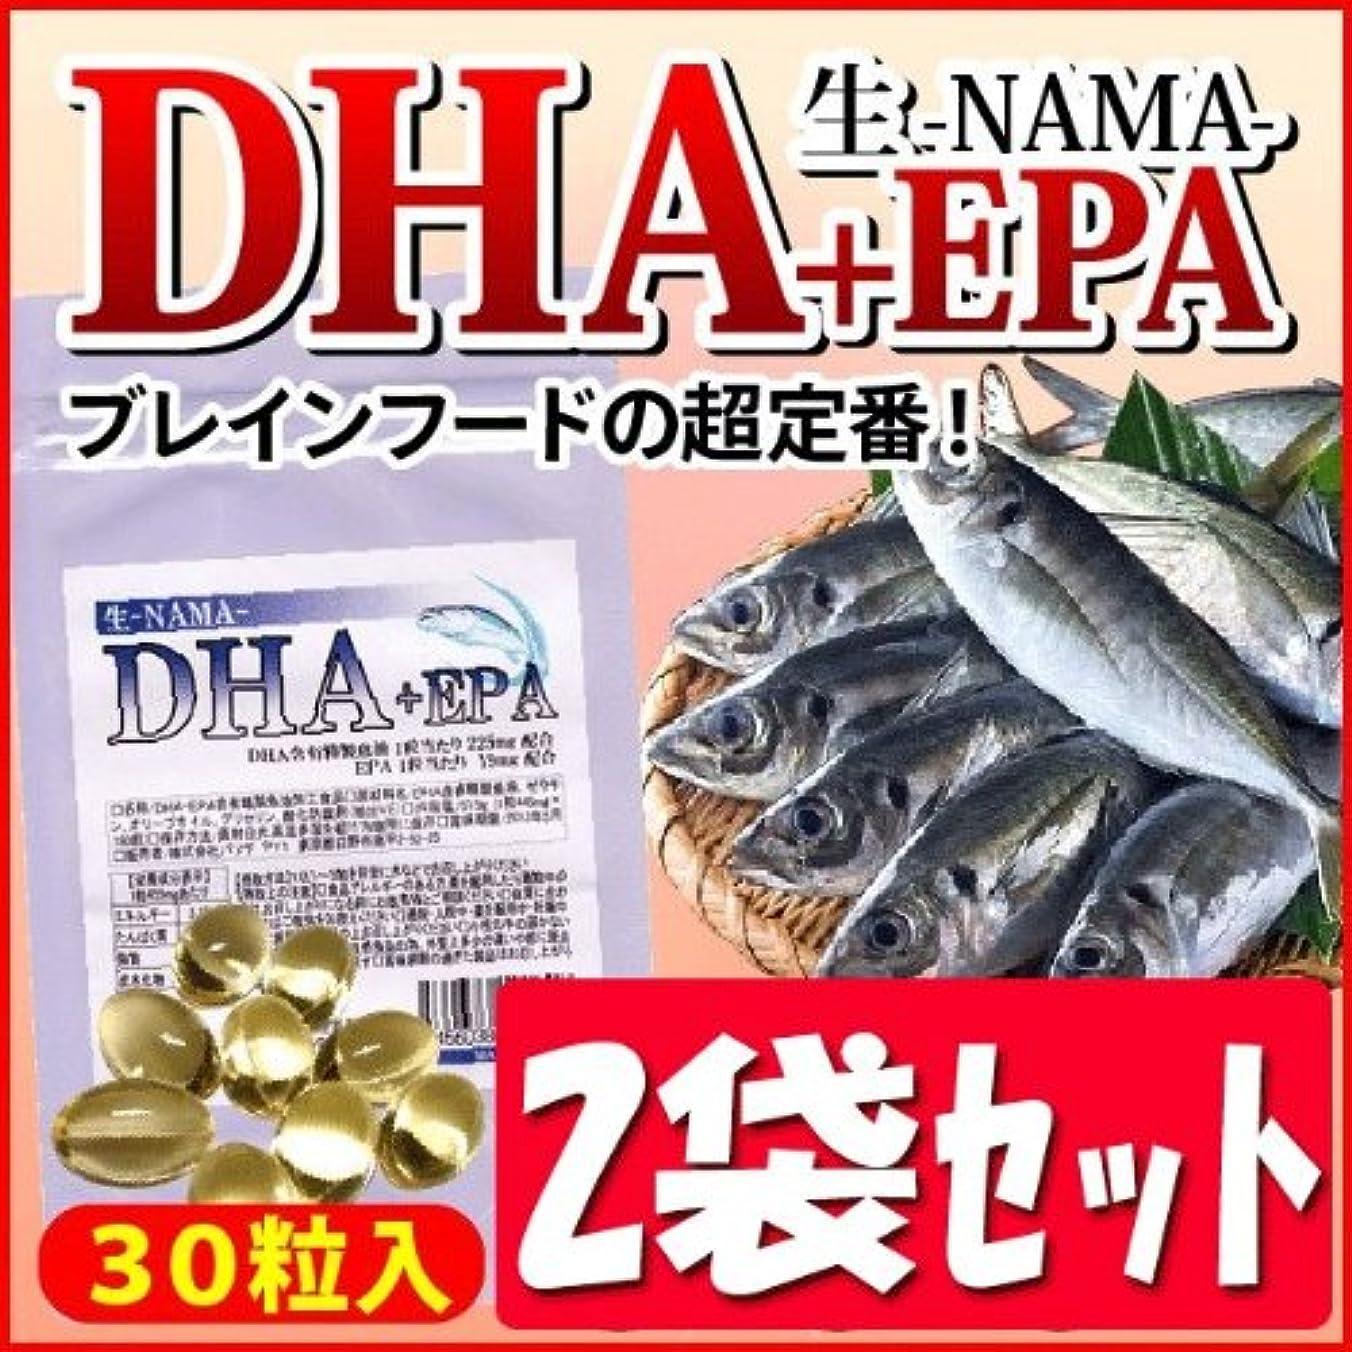 喉が渇いた有名人ダルセットDHA+EPA生カプセル 2袋セット合計60粒